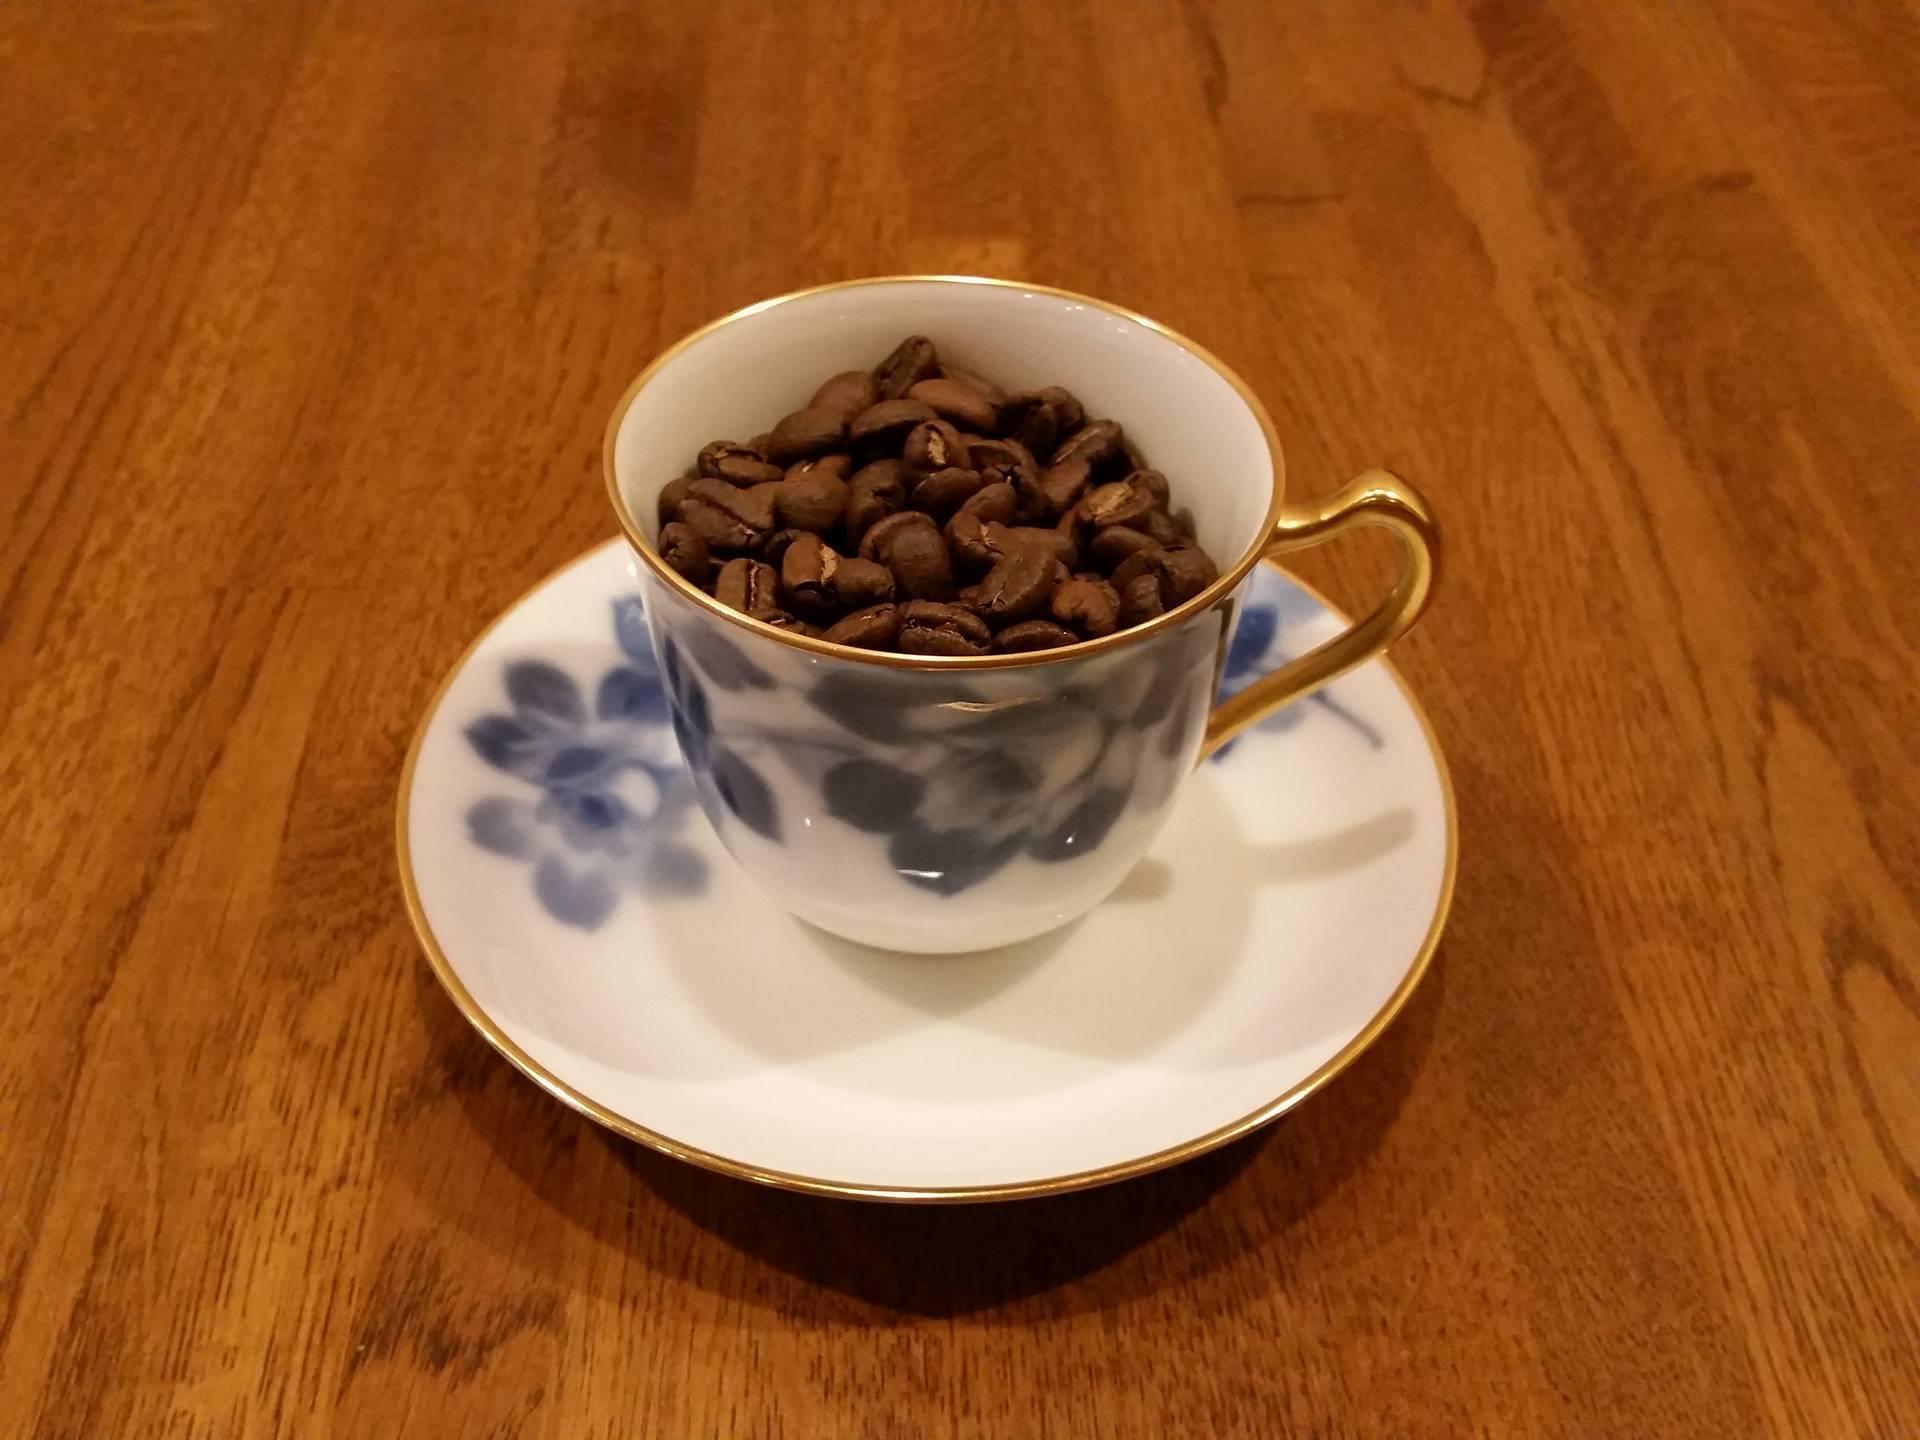 『グァテマラ・レタナ農園』|【ローストラボ・クレモナ】のコーヒーからエシカルを考える。